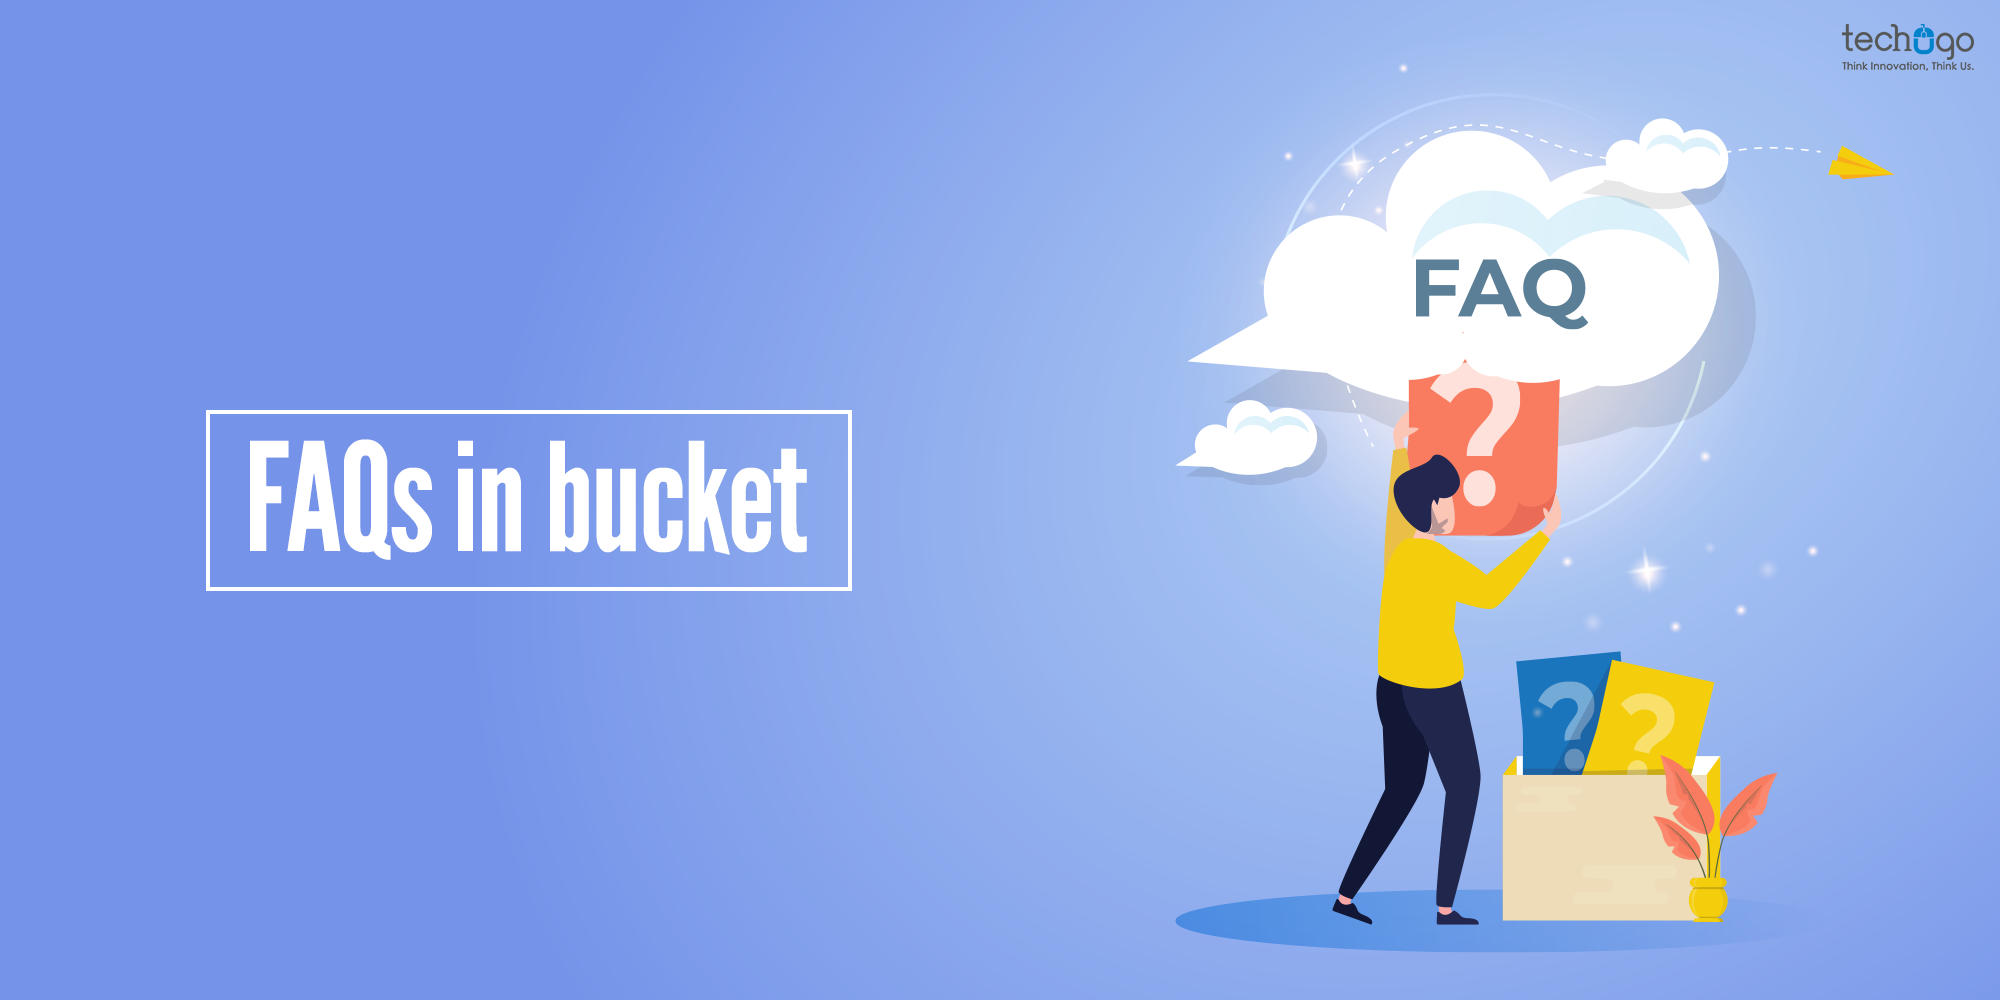 FAQs in bucket